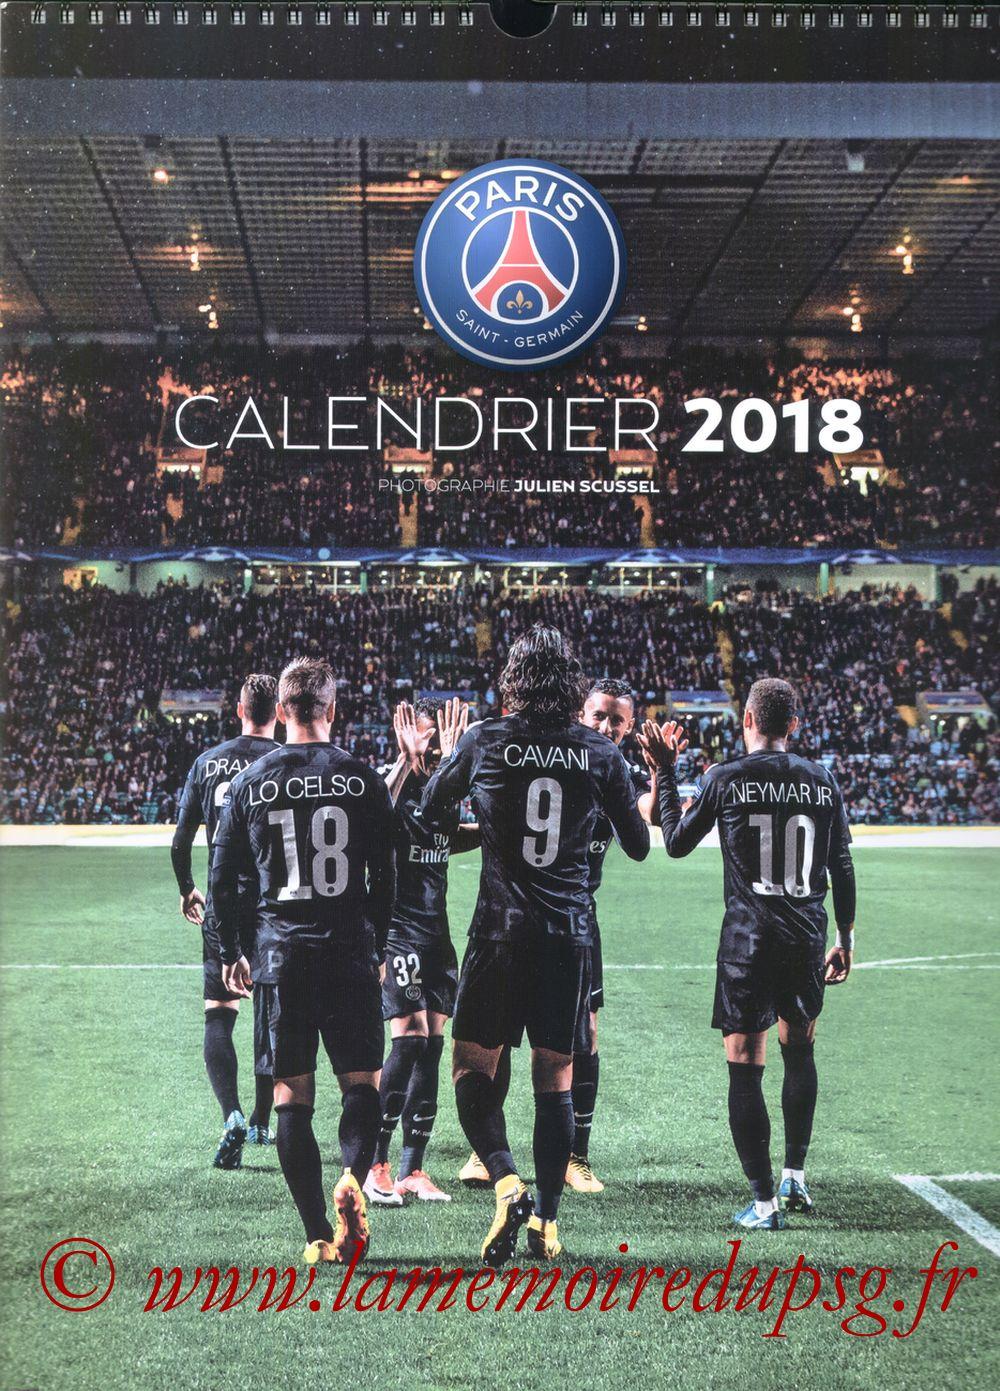 Calendrier PSG 2018 - Couverture